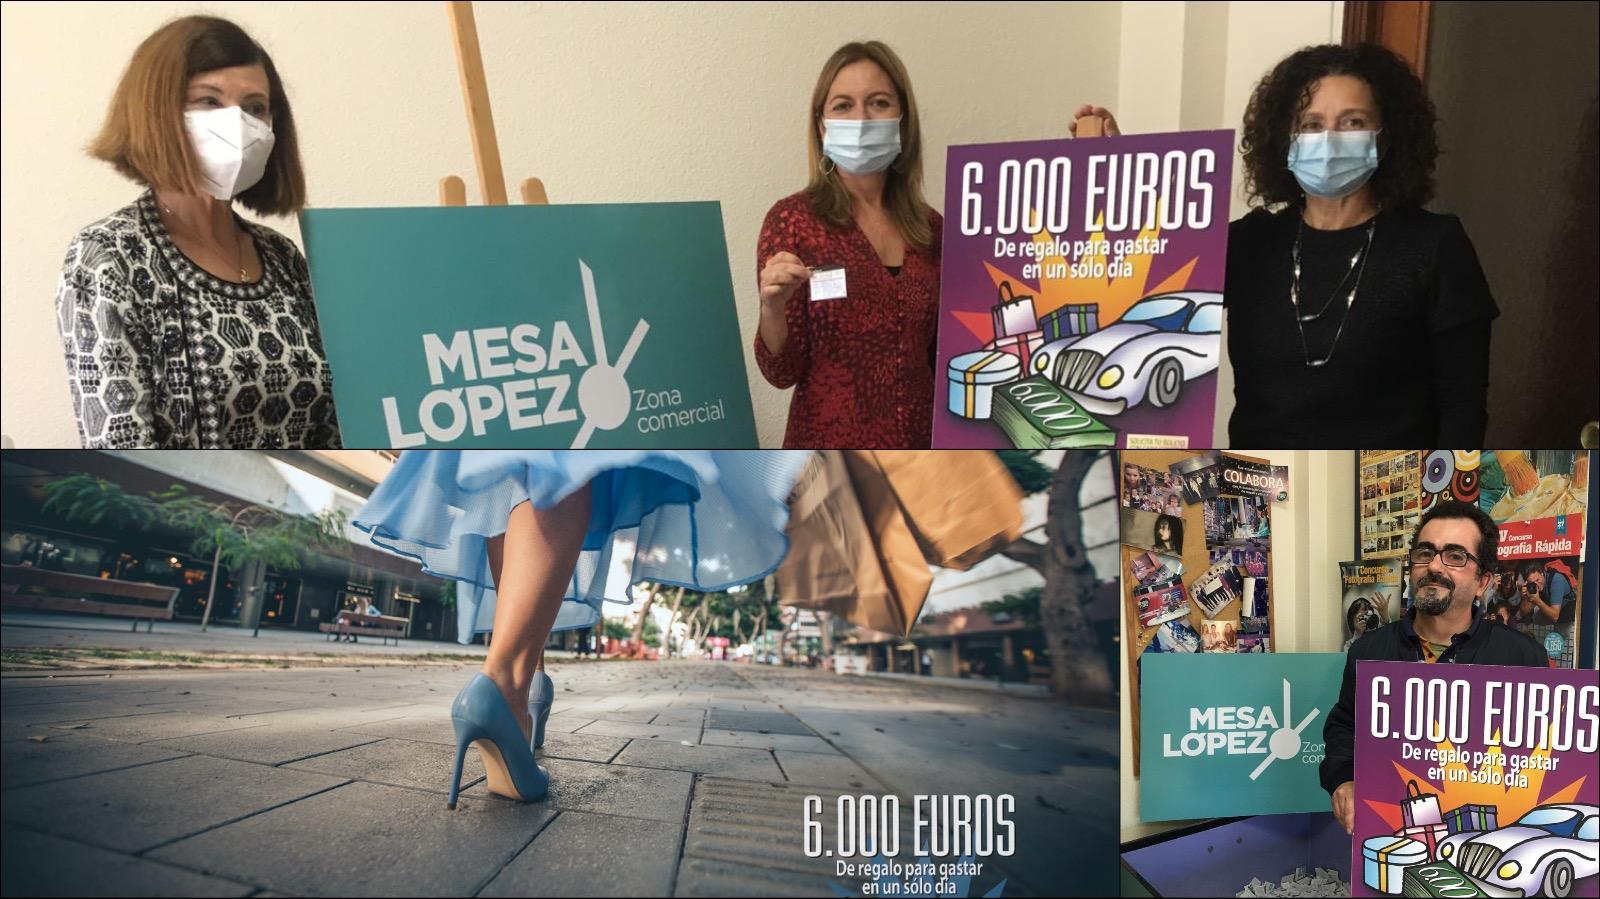 premio 6000€ en Zona Mesa y López